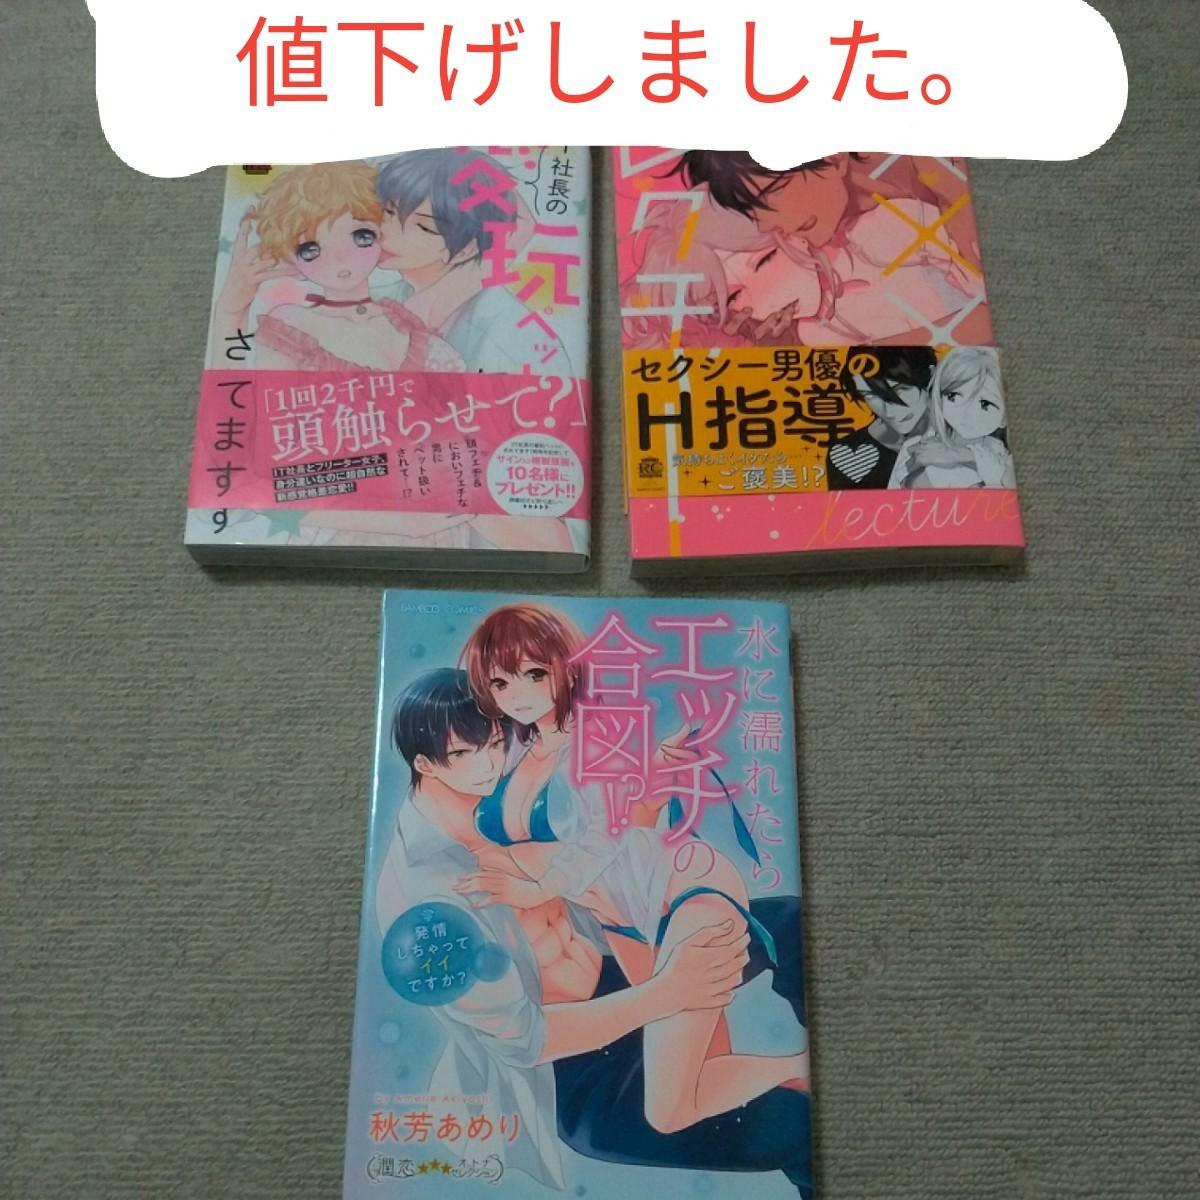 【54】値下げ TL コミック 3冊セット